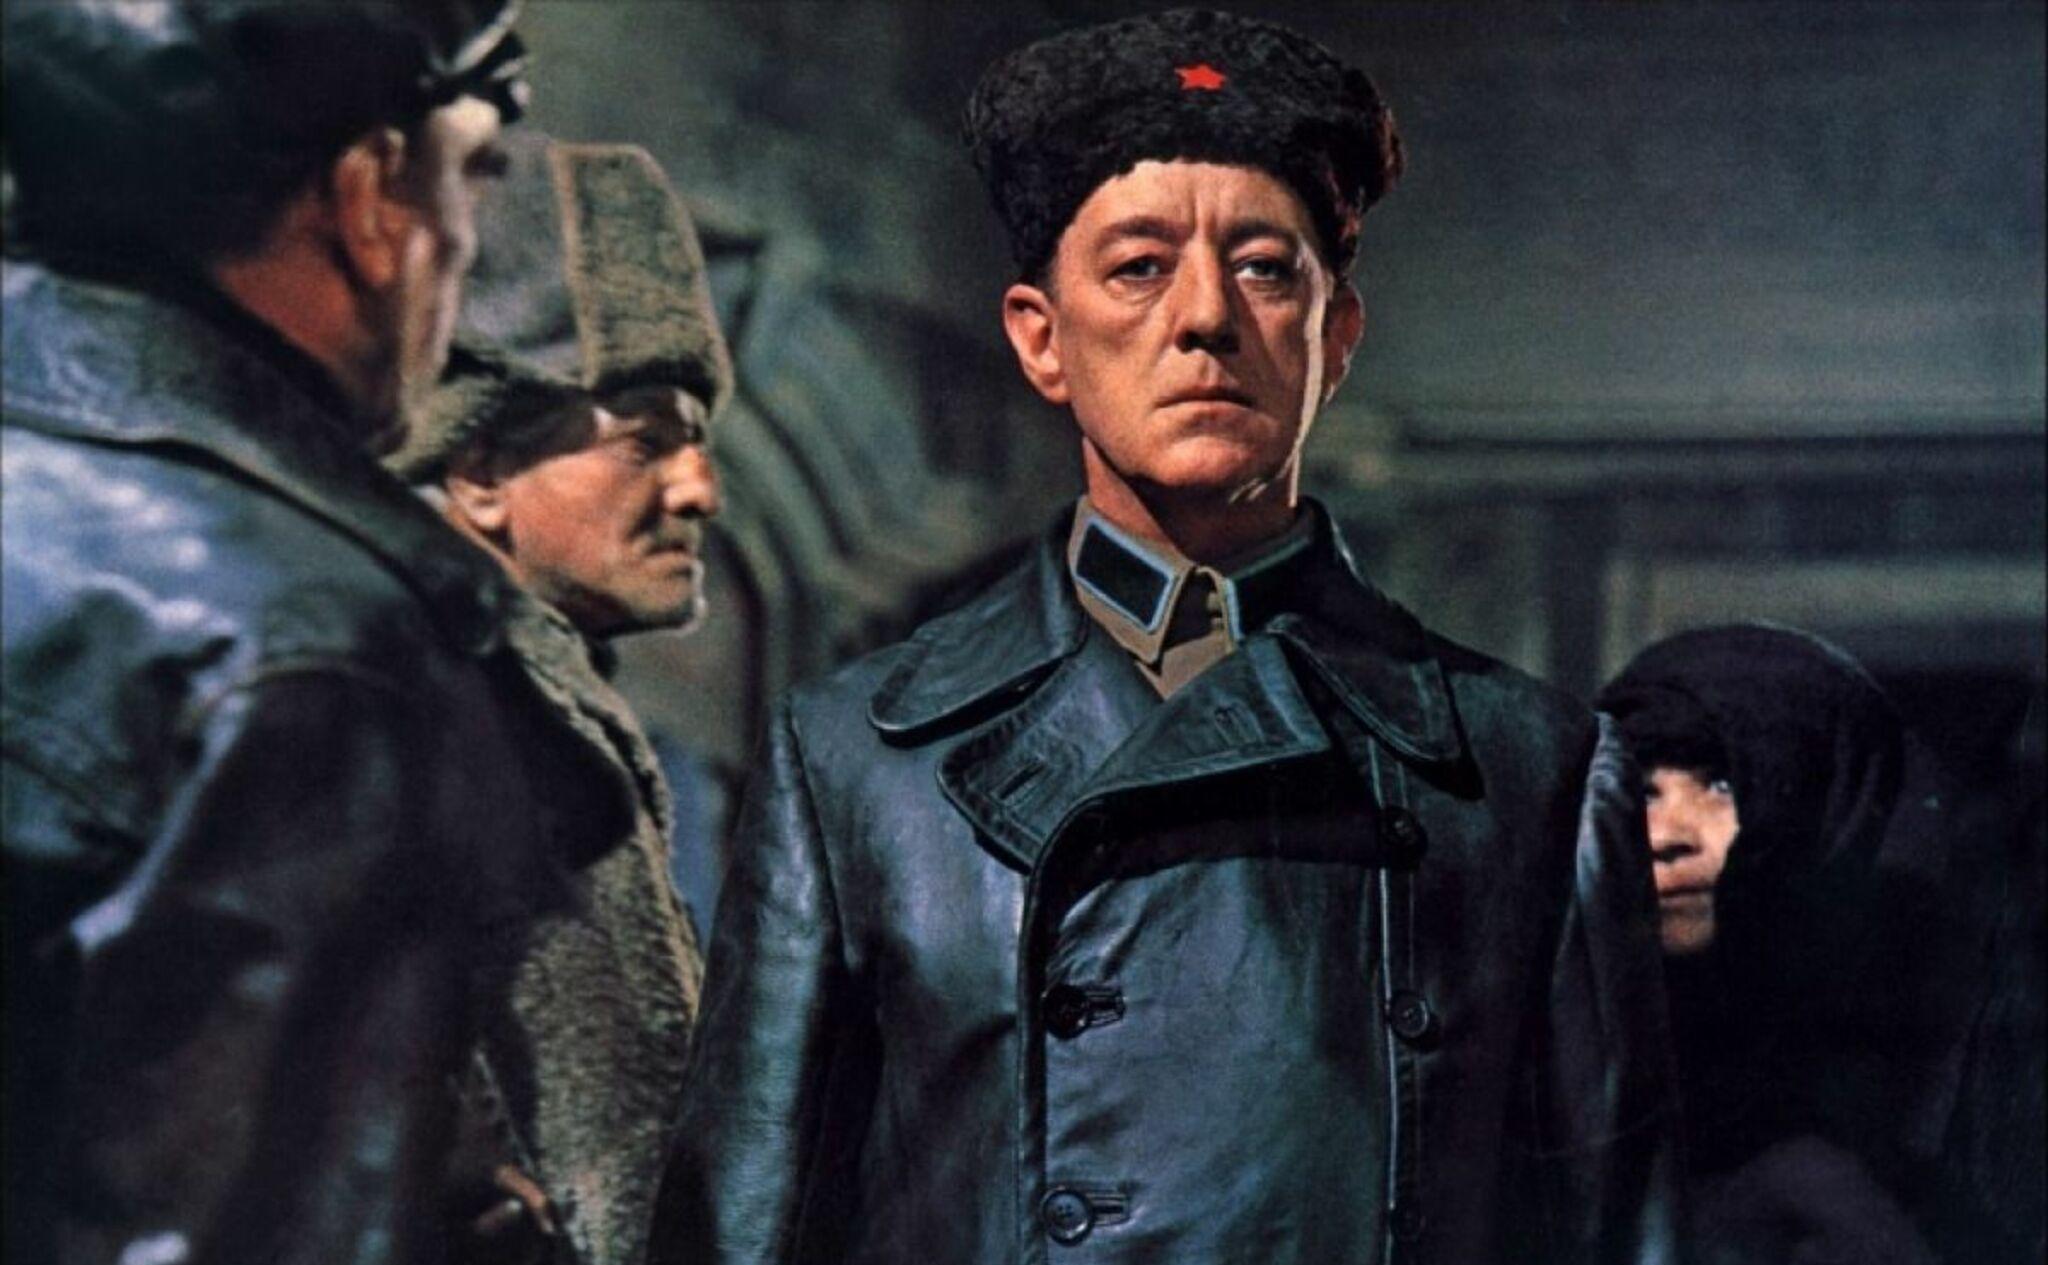 Alec Guinnes en Dr. Zhivago, un papel similar al interpretado por Rick en El anarquista